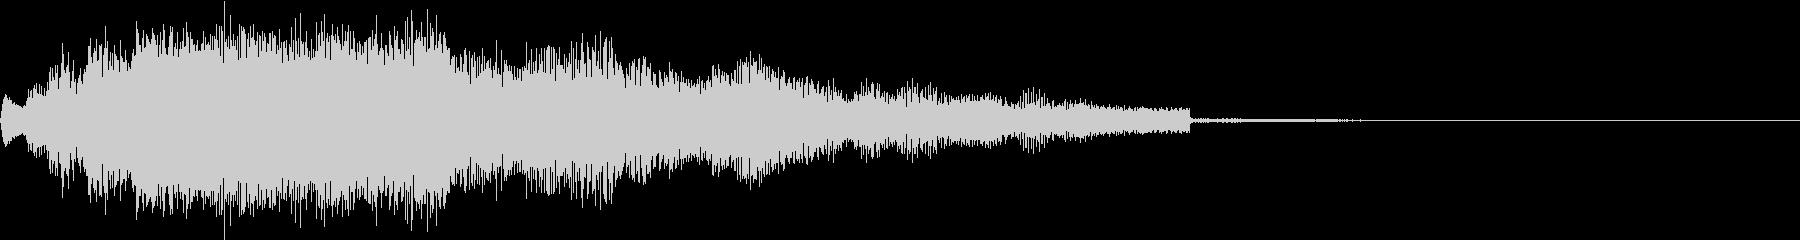 パソコンの起動音のようなアイキャッチの未再生の波形